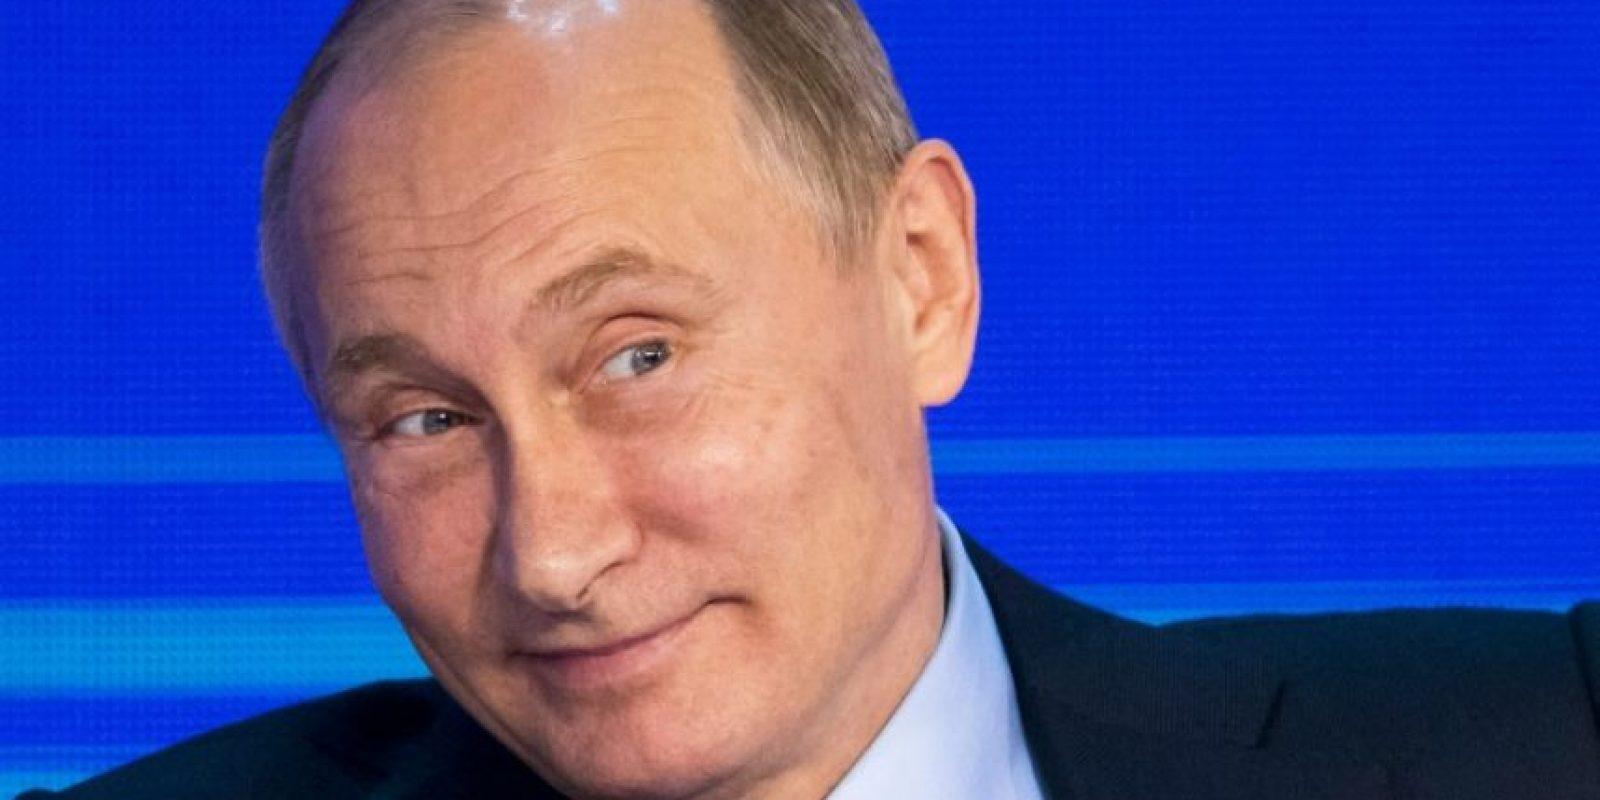 El presidente ruso, Vladimir Putin, en el Congreso de Negocios de Rusia en Moscú, el 18 de octubre de 2016 Foto:Alexander Zemlianichenko/afp.com